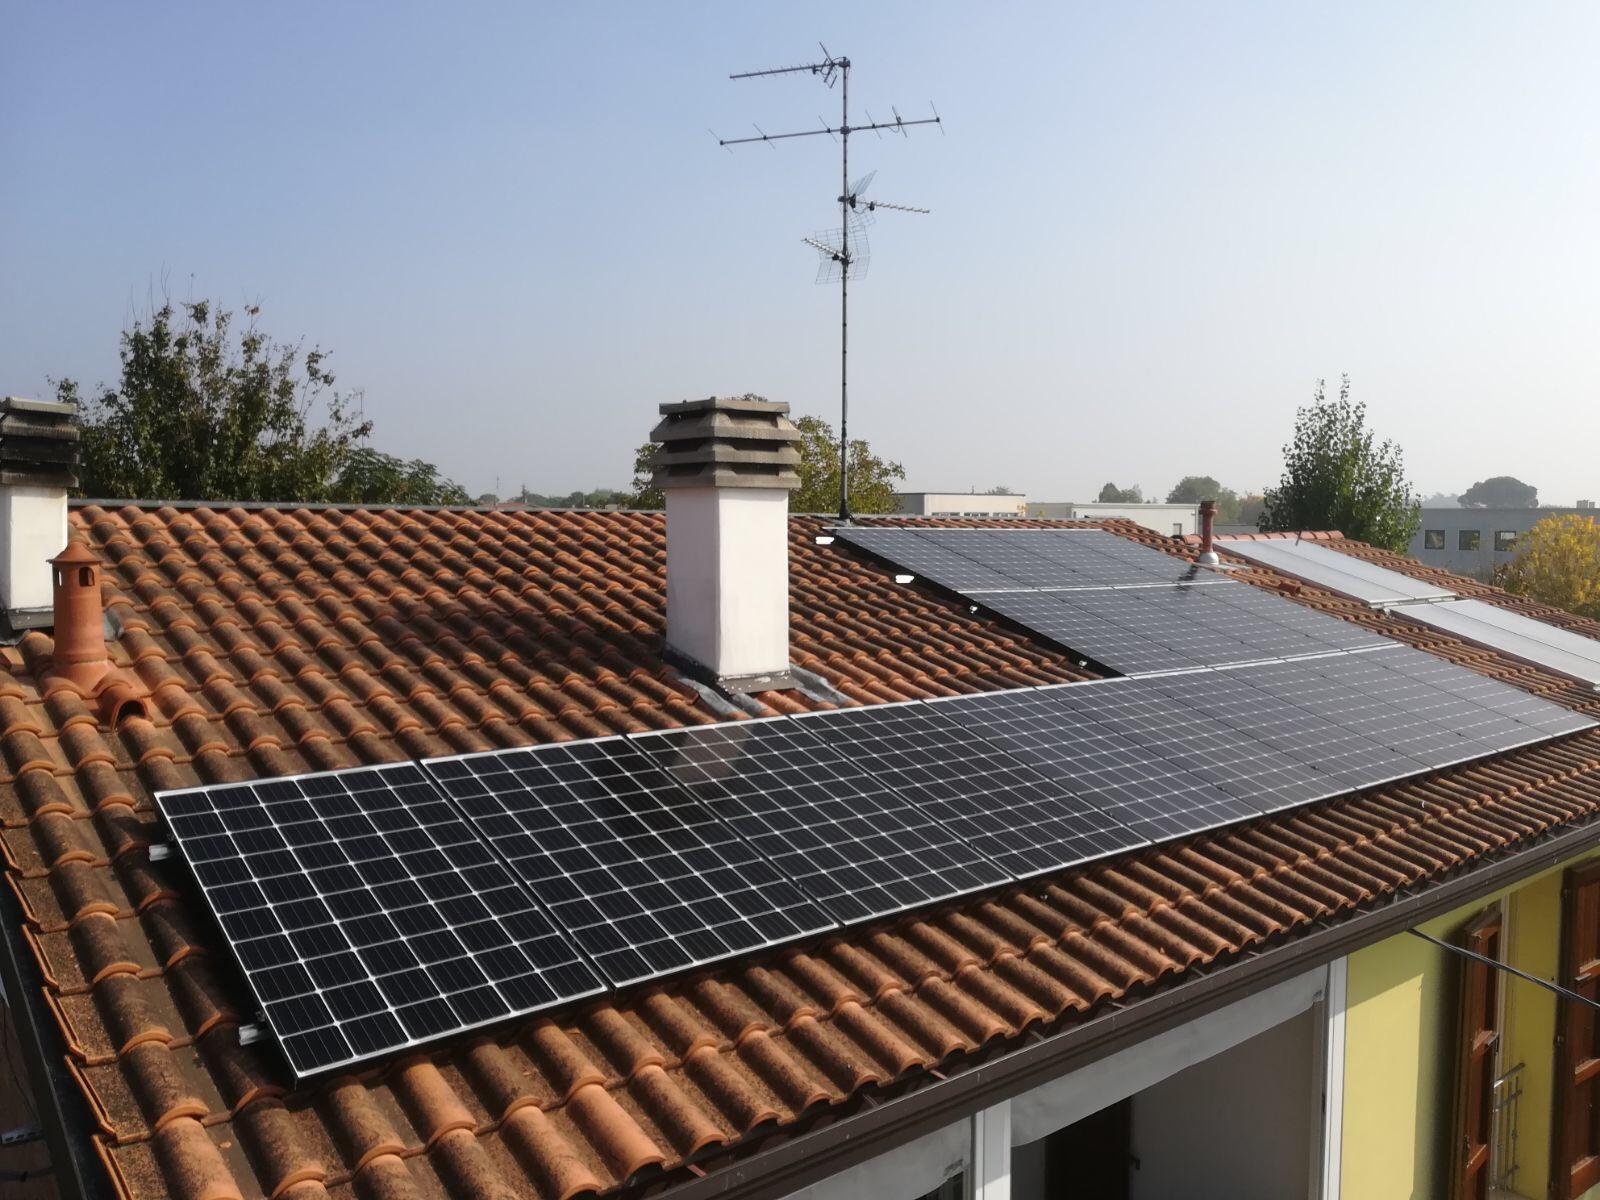 Impianto Fotovoltaico da 5,4kWp -Solarolo (RA) - soetech.it